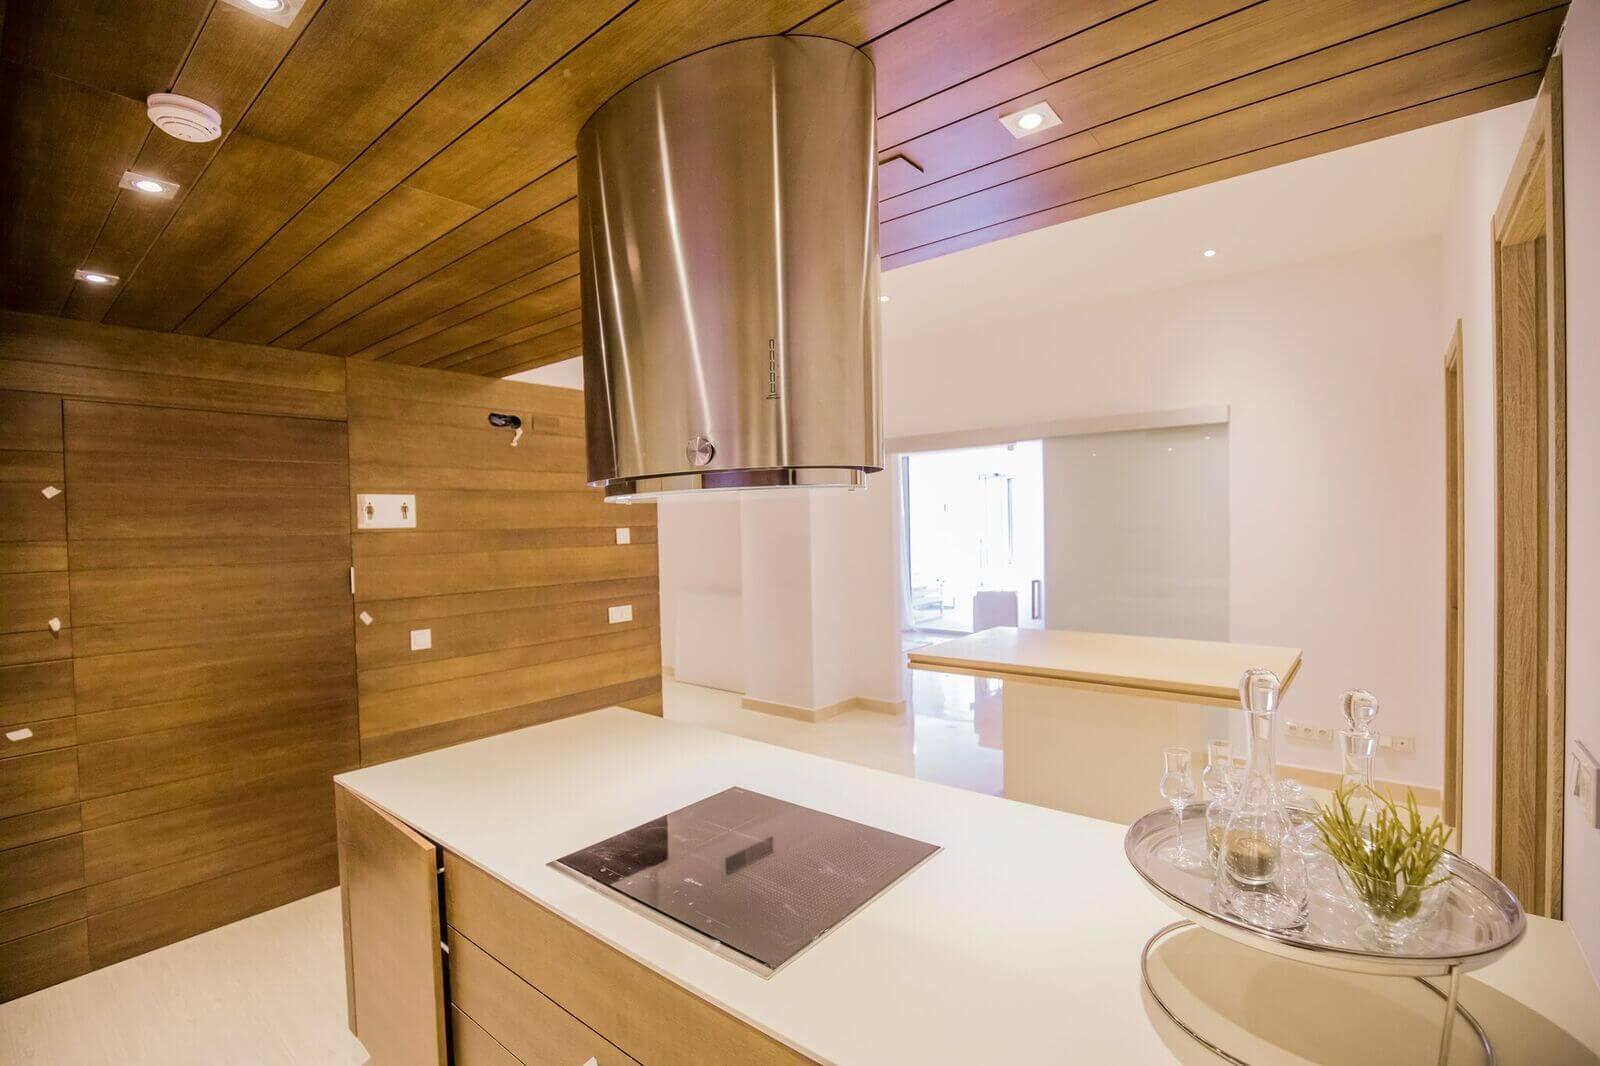 Keuken Nieuwbouw Open : Moderne nieuwbouw villa costa blanca noord spanje aanbod